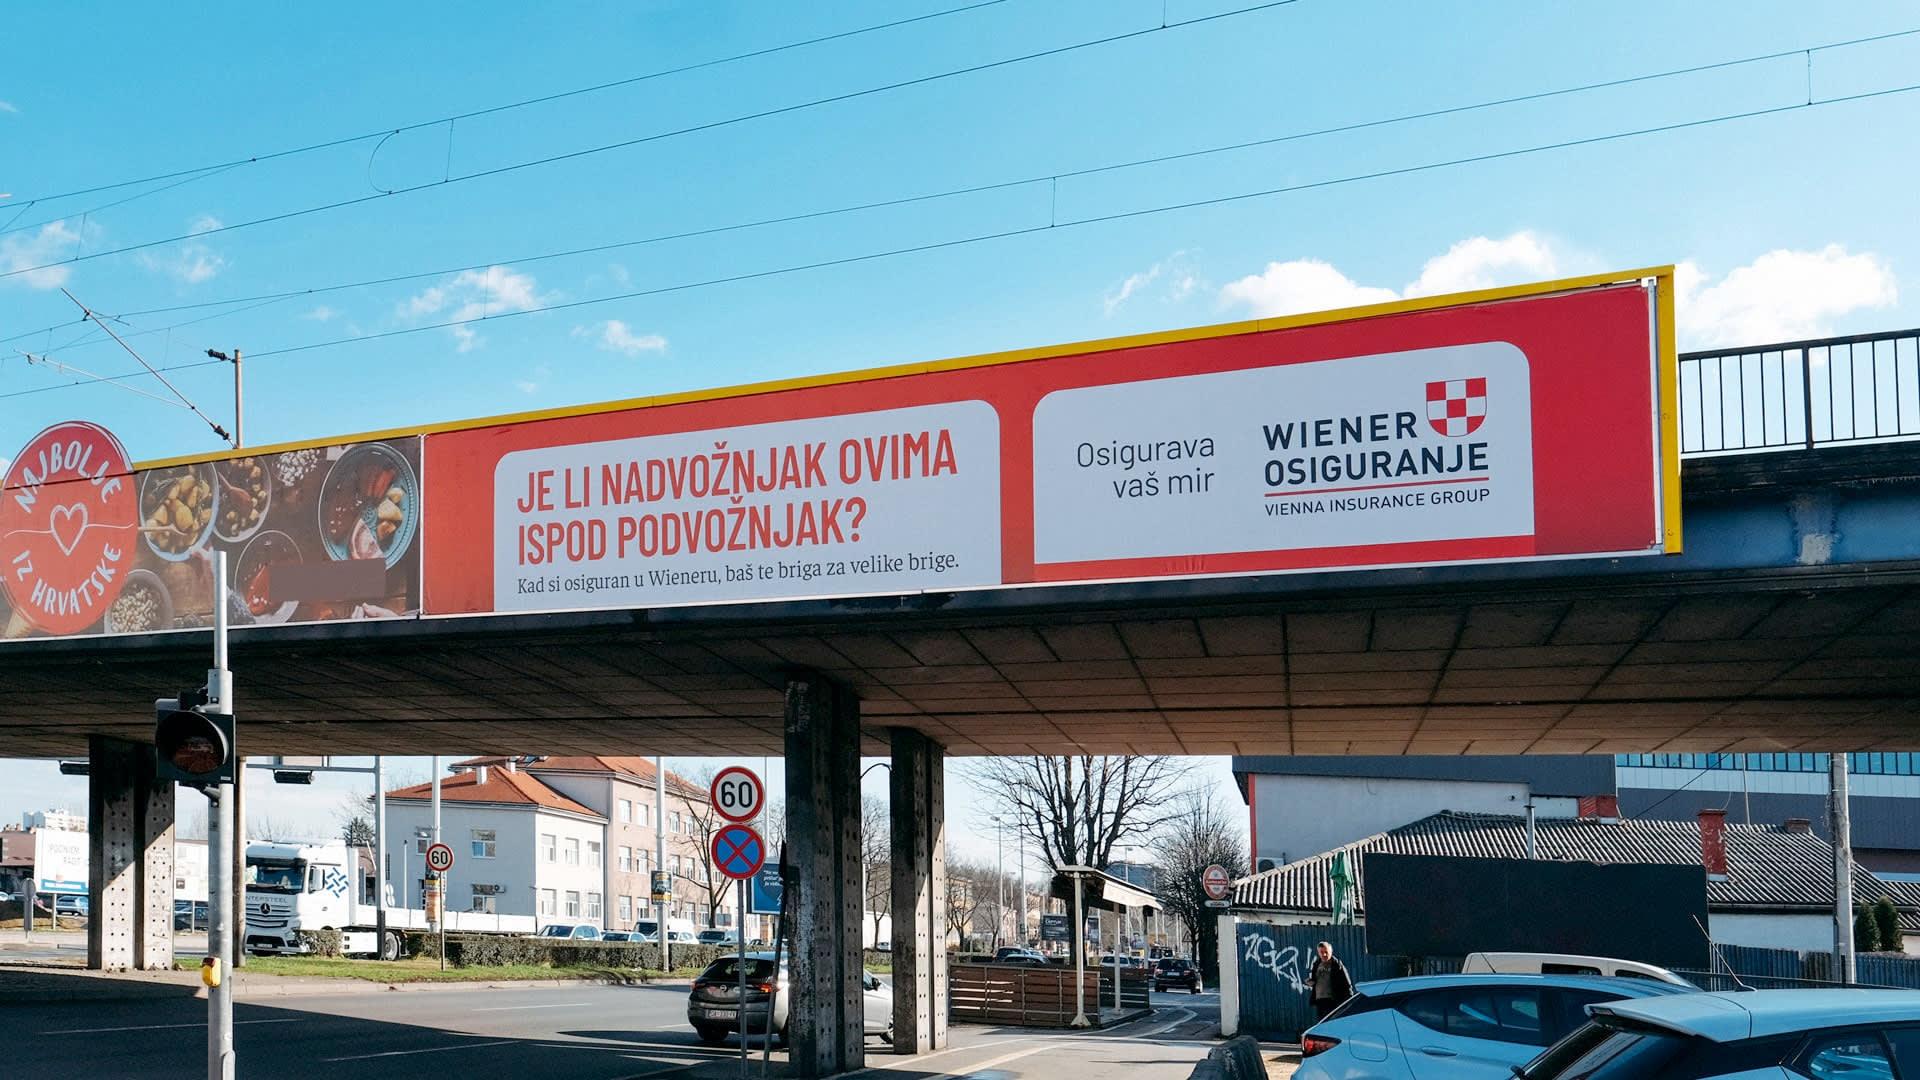 wiener_nadvoznjak_podvoznjak